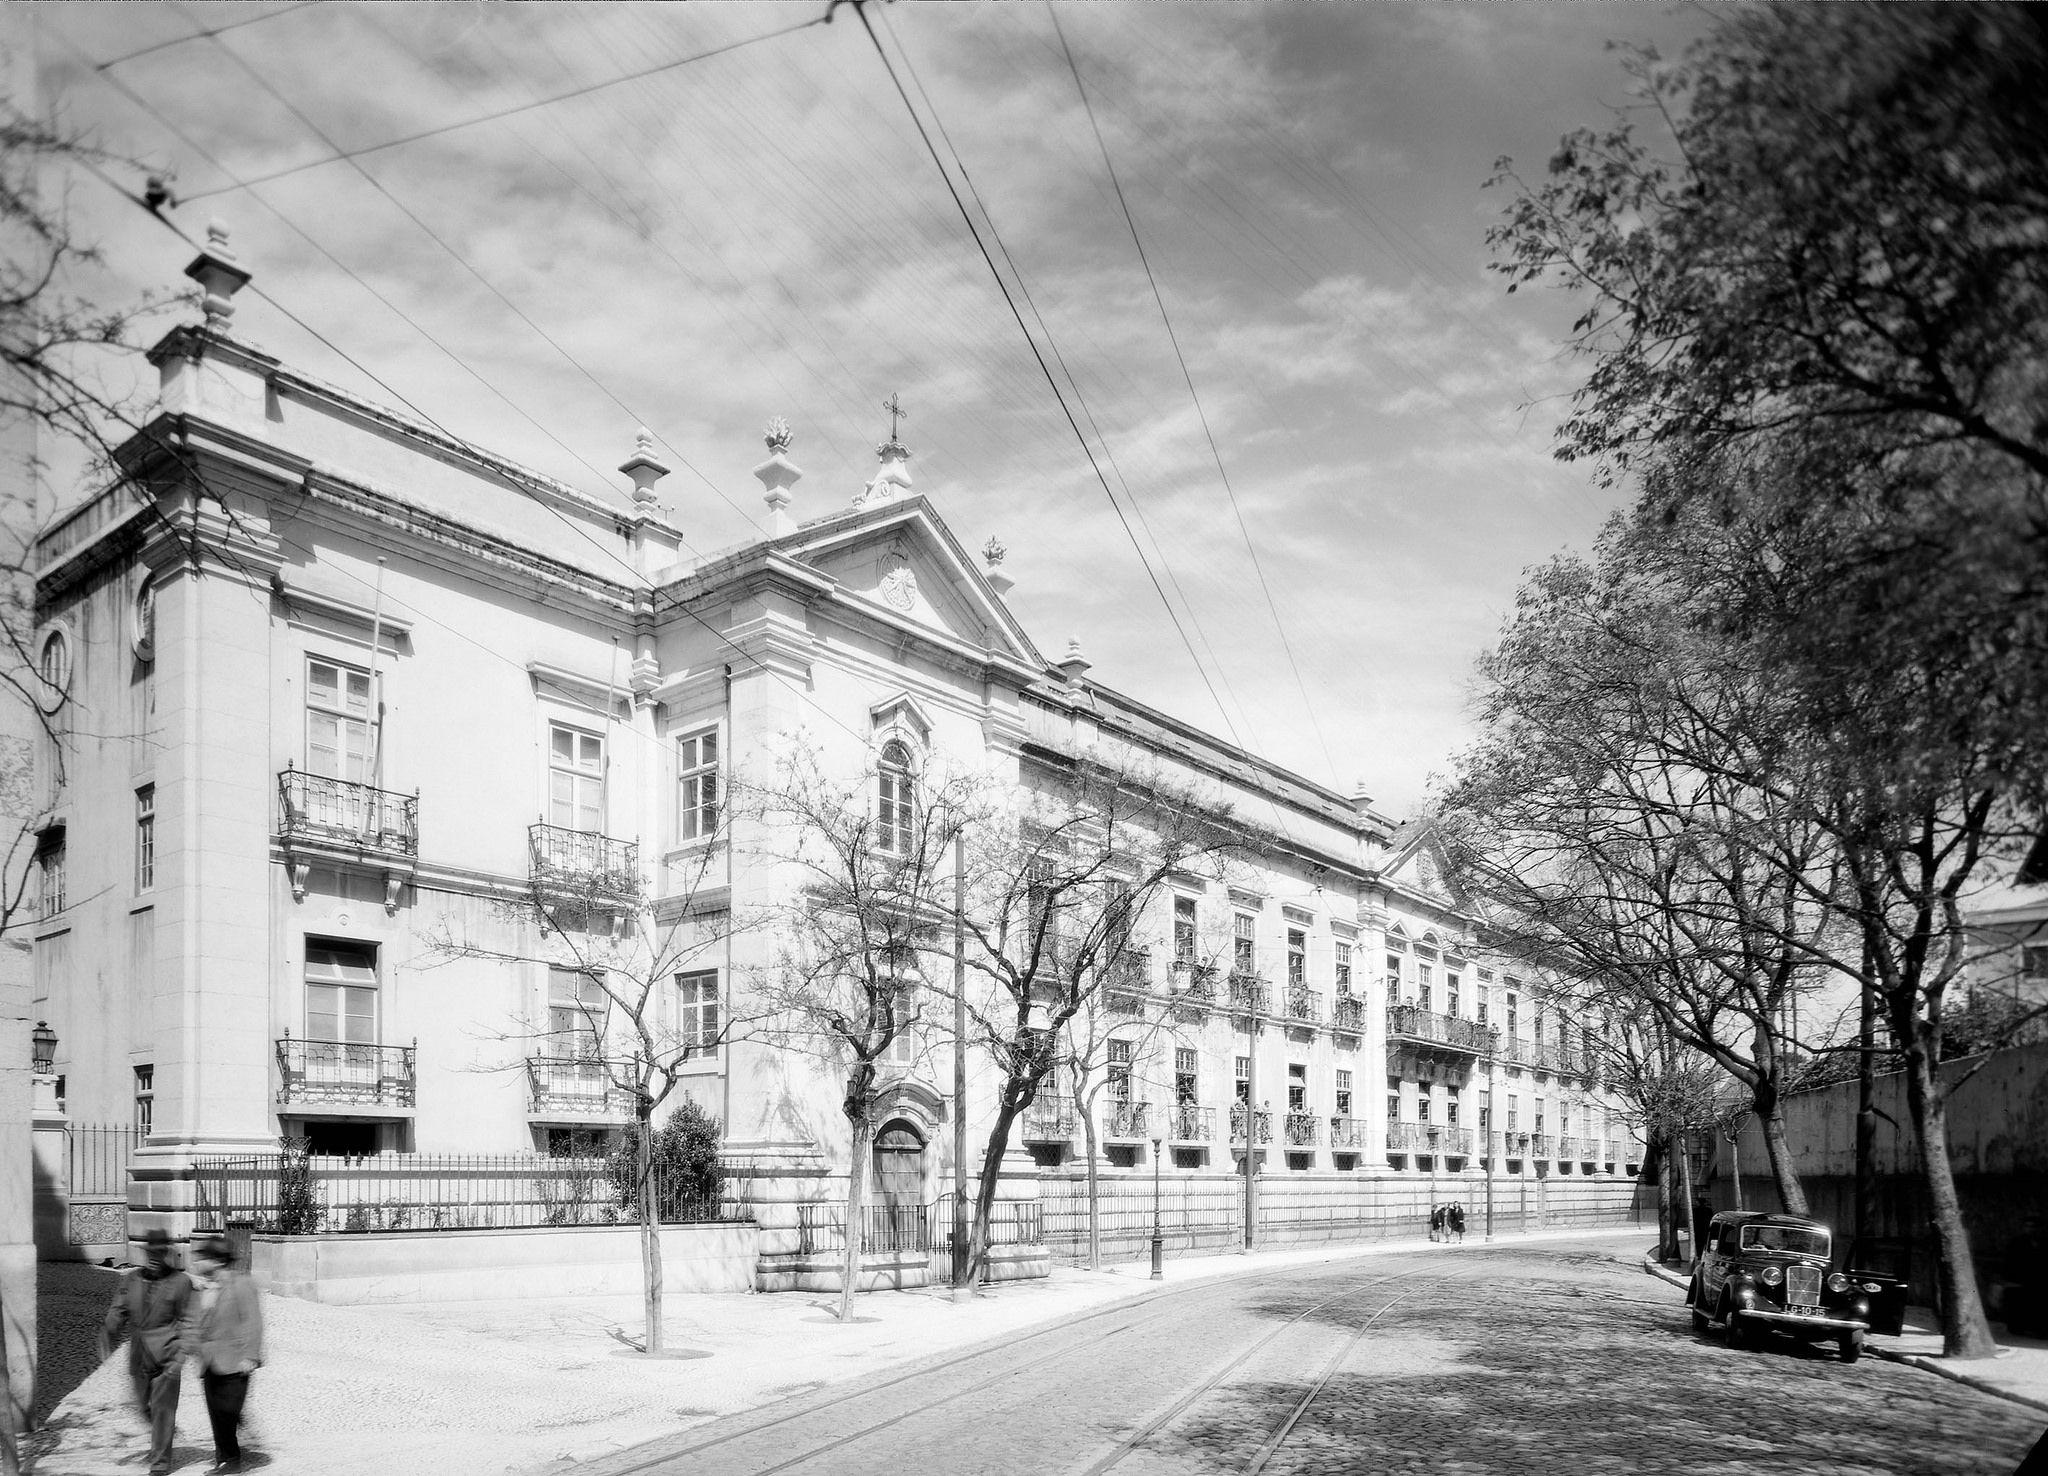 https://flic.kr/p/orNvS2 | Palácio dos Marqueses de Nisa, Lisboa, Portugal | Fachada. Situado na Rua da Madre de Deus.   Fotografia sem data. Produzida durante a atividade do Estúdio Horácio Novais, 1930-1980.  [CFT164.163050.ic]